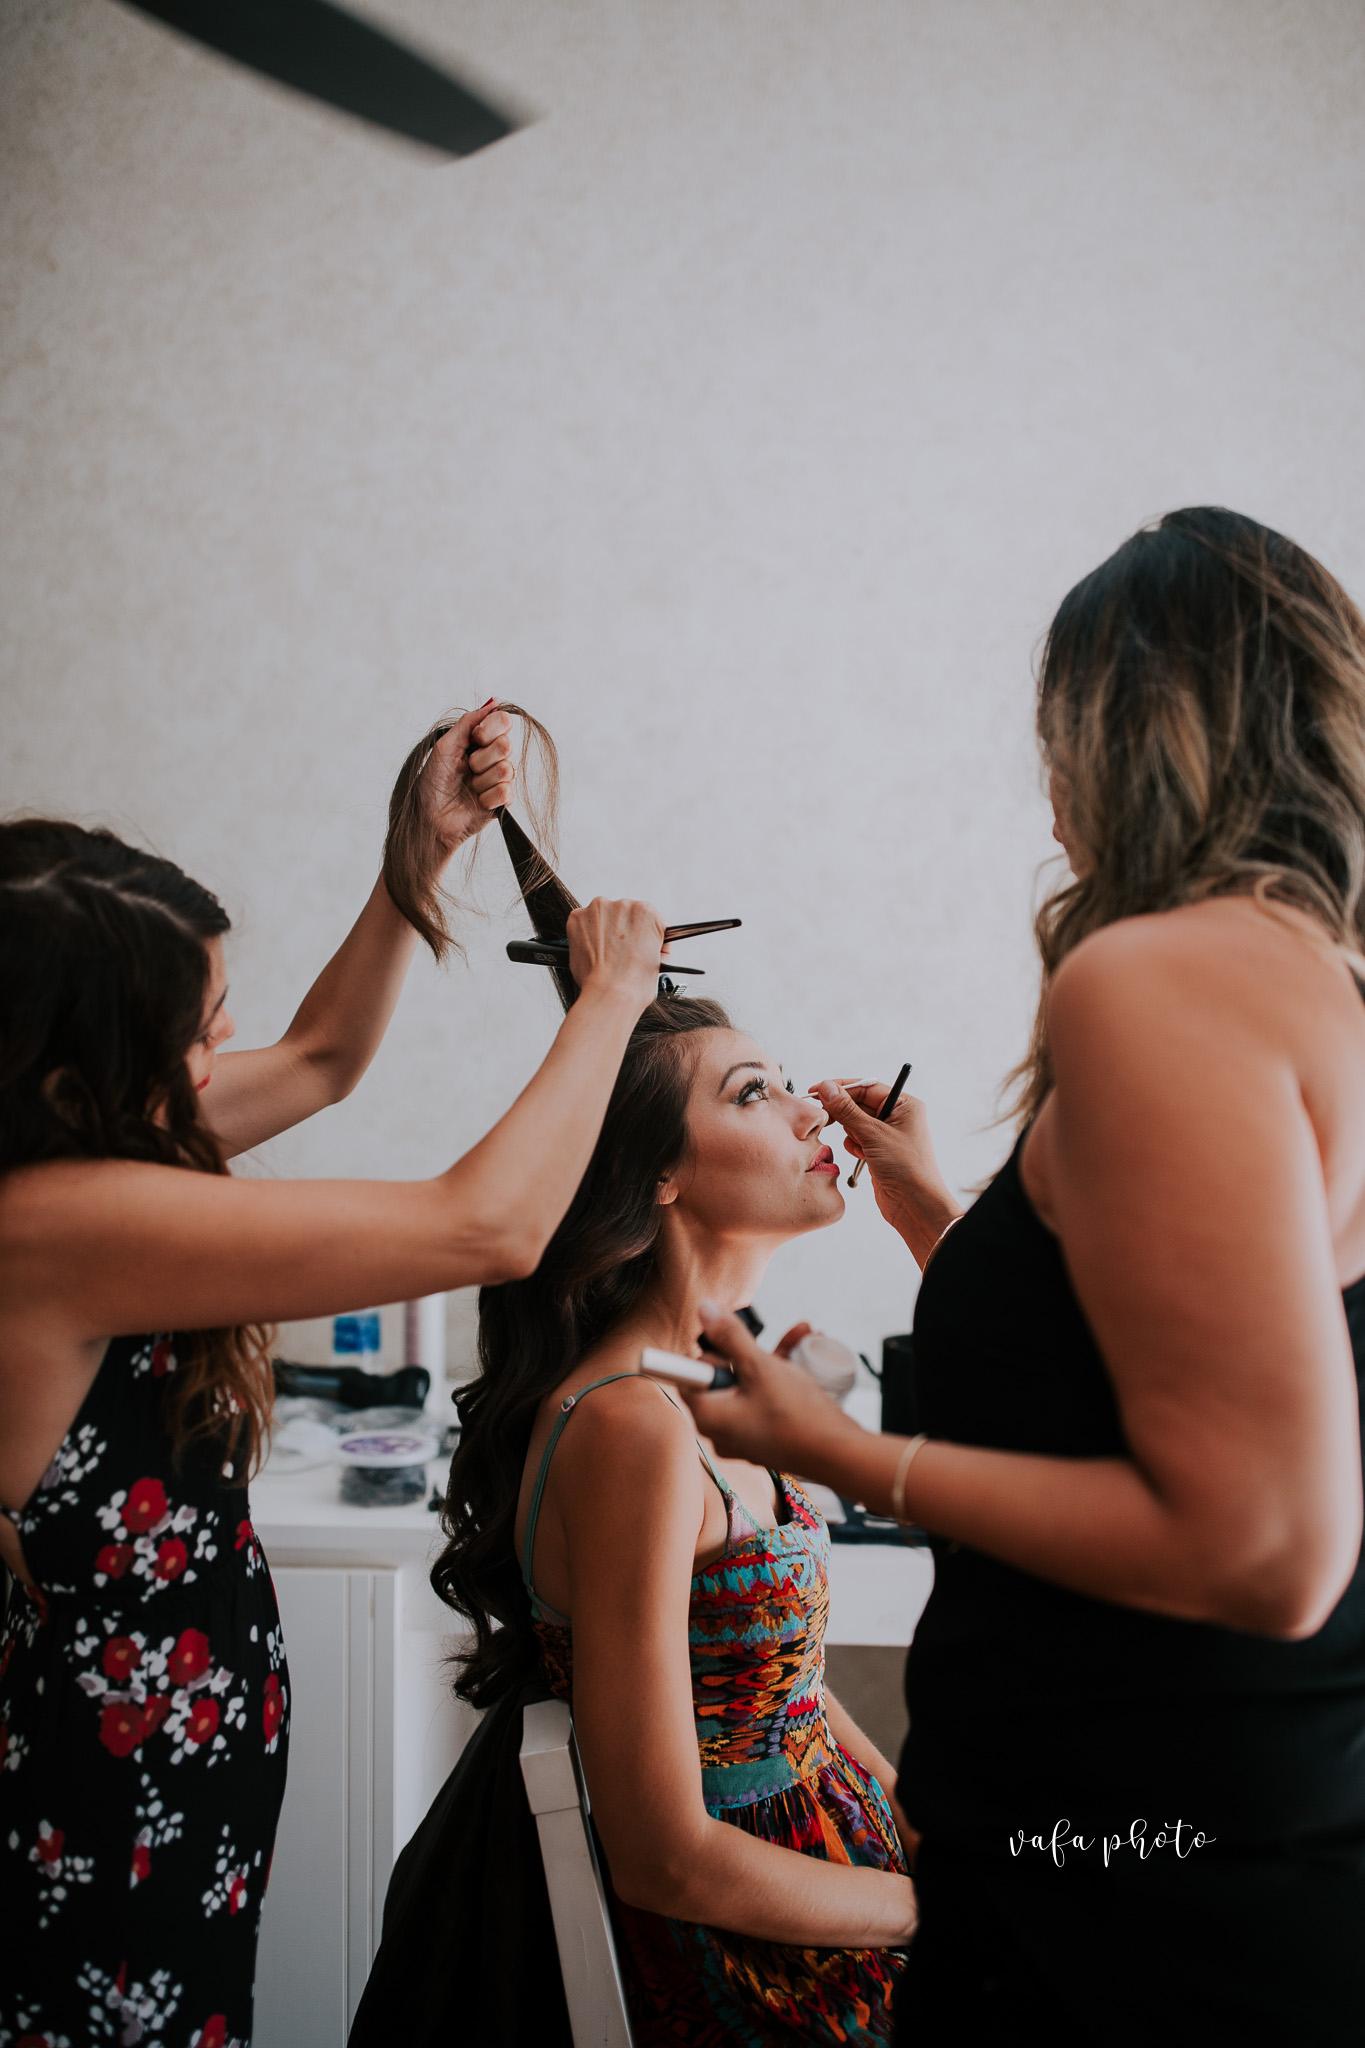 Southern-California-Wedding-Britt-Nilsson-Jeremy-Byrne-Vafa-Photo-36.jpg